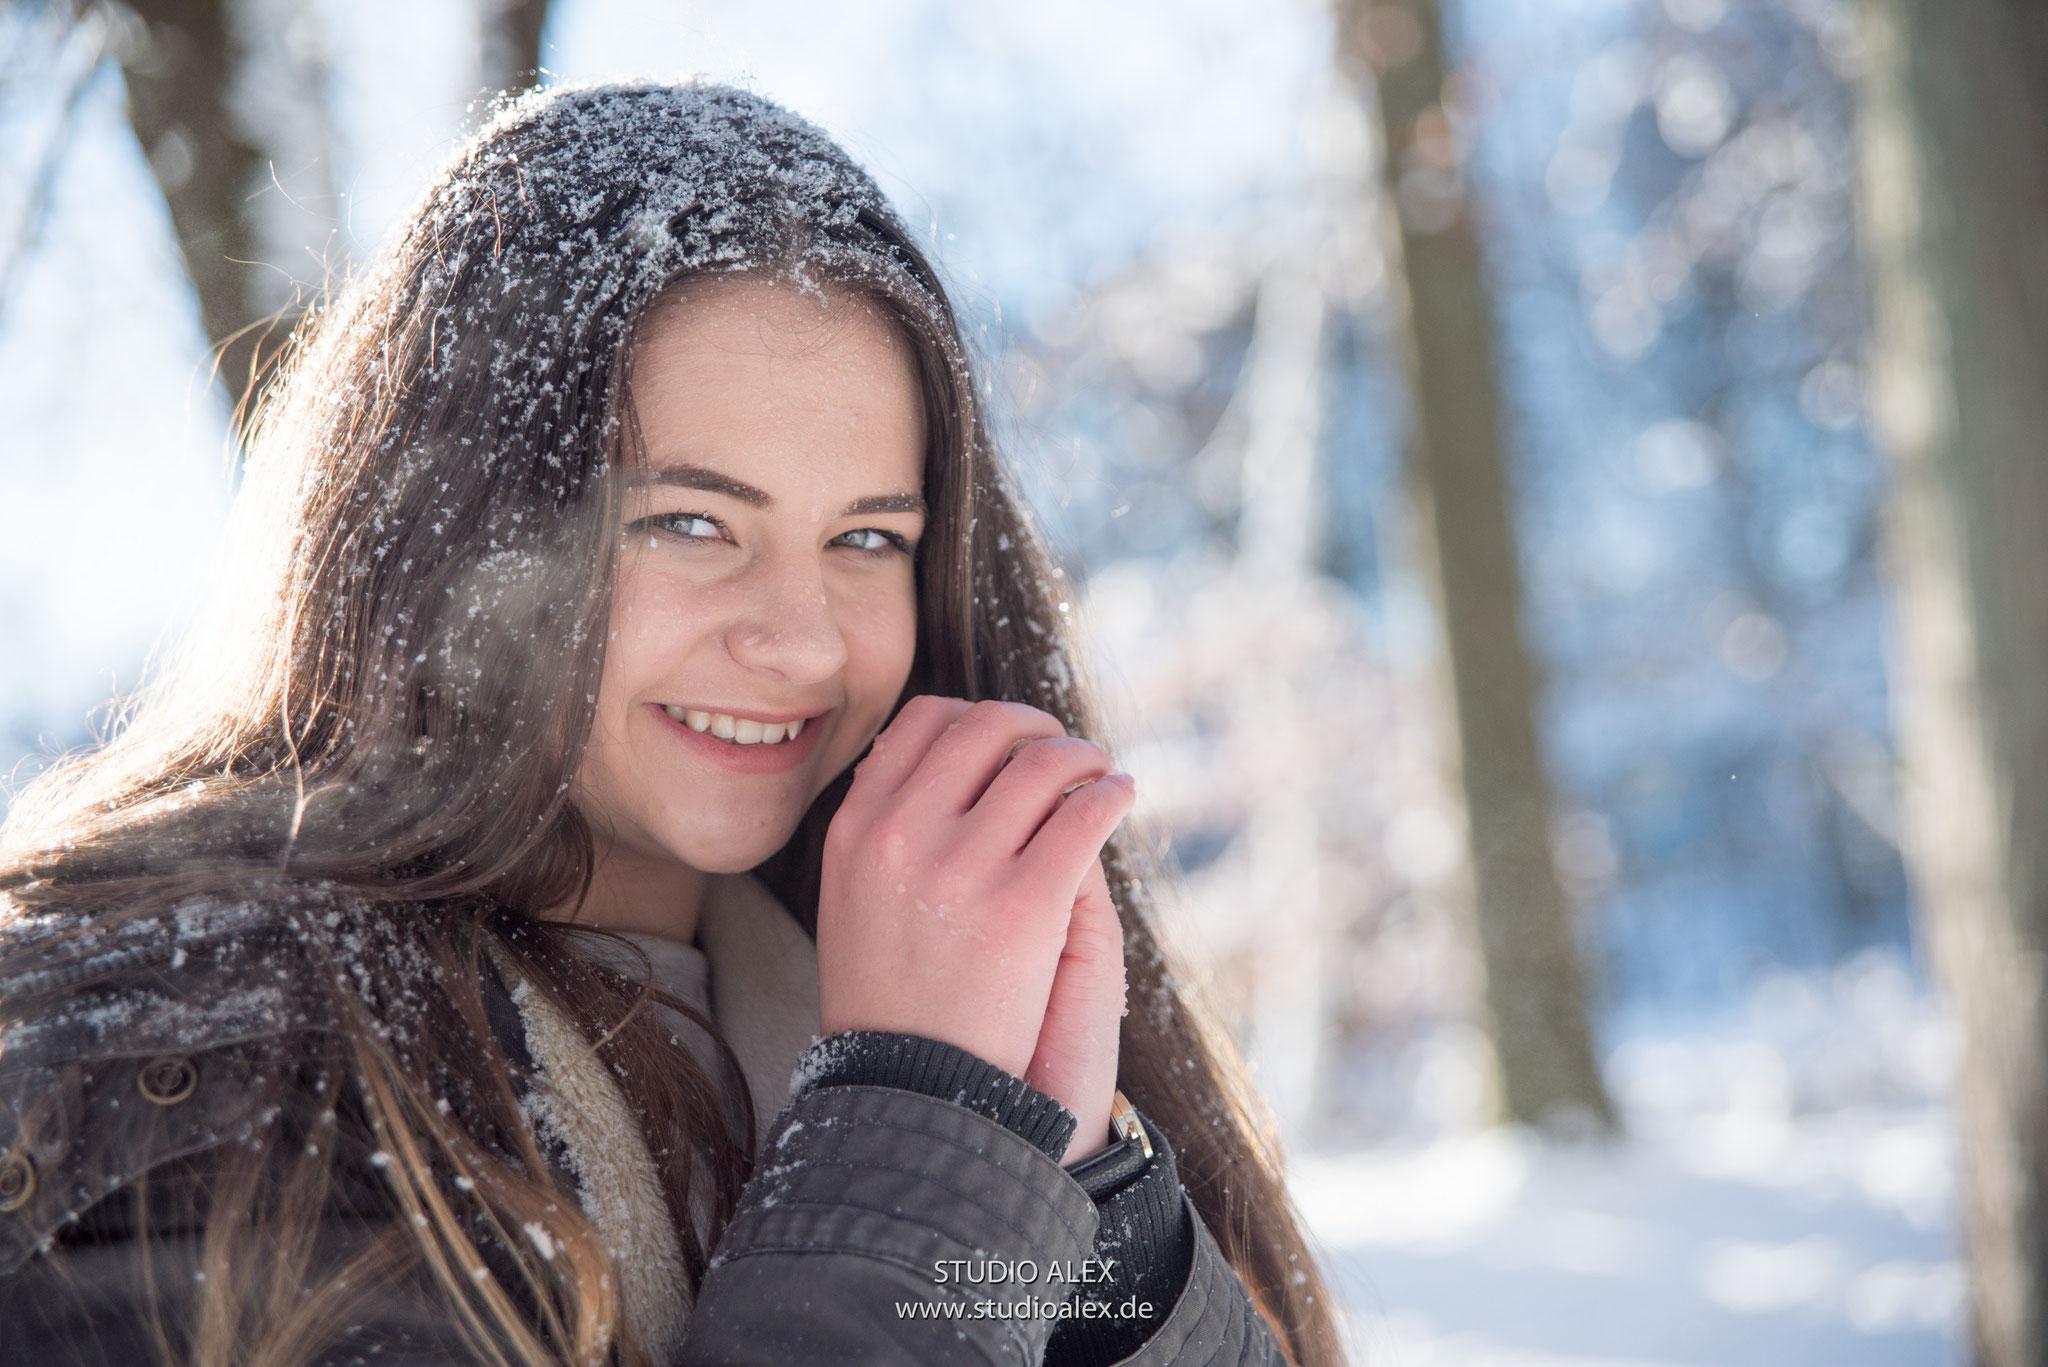 Fotografie für Portraitfotos in Amberg